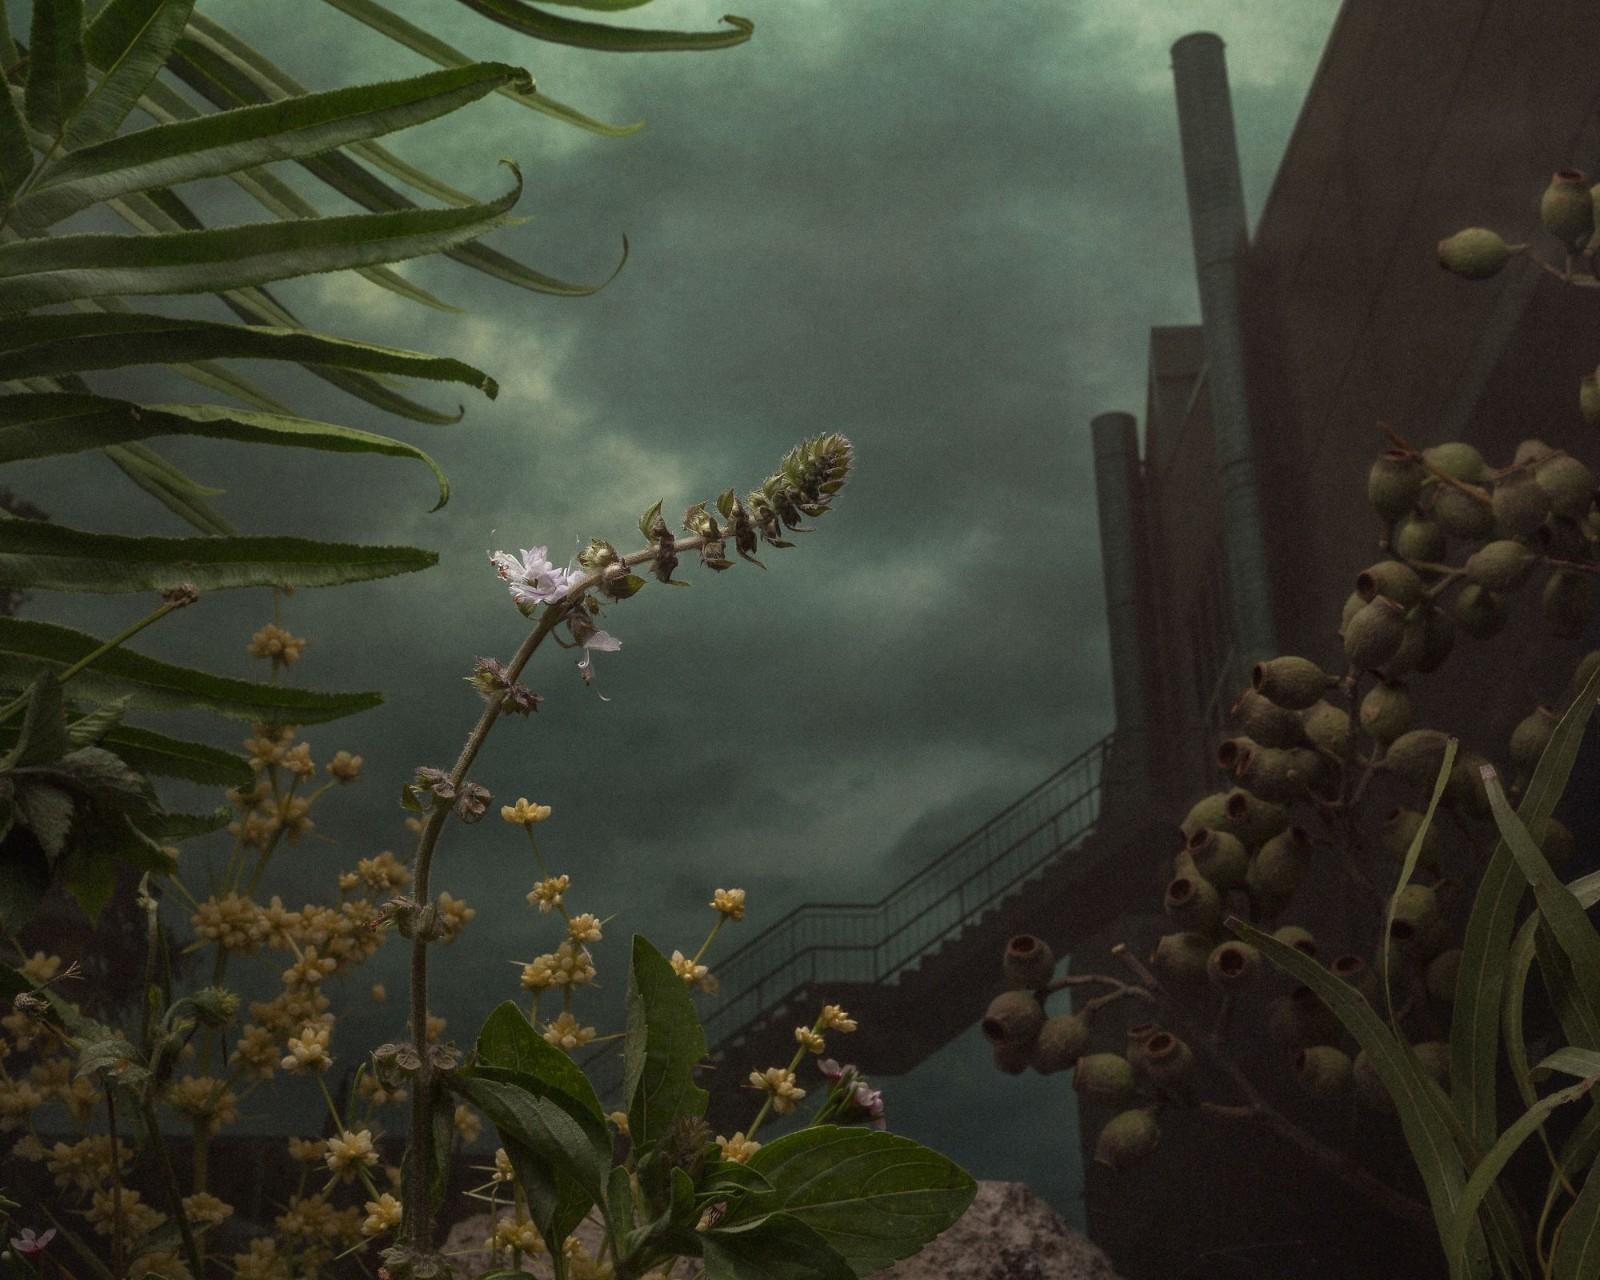 周末养眼 2017玛格南摄影奖美图大赏,有一位中国摄影师